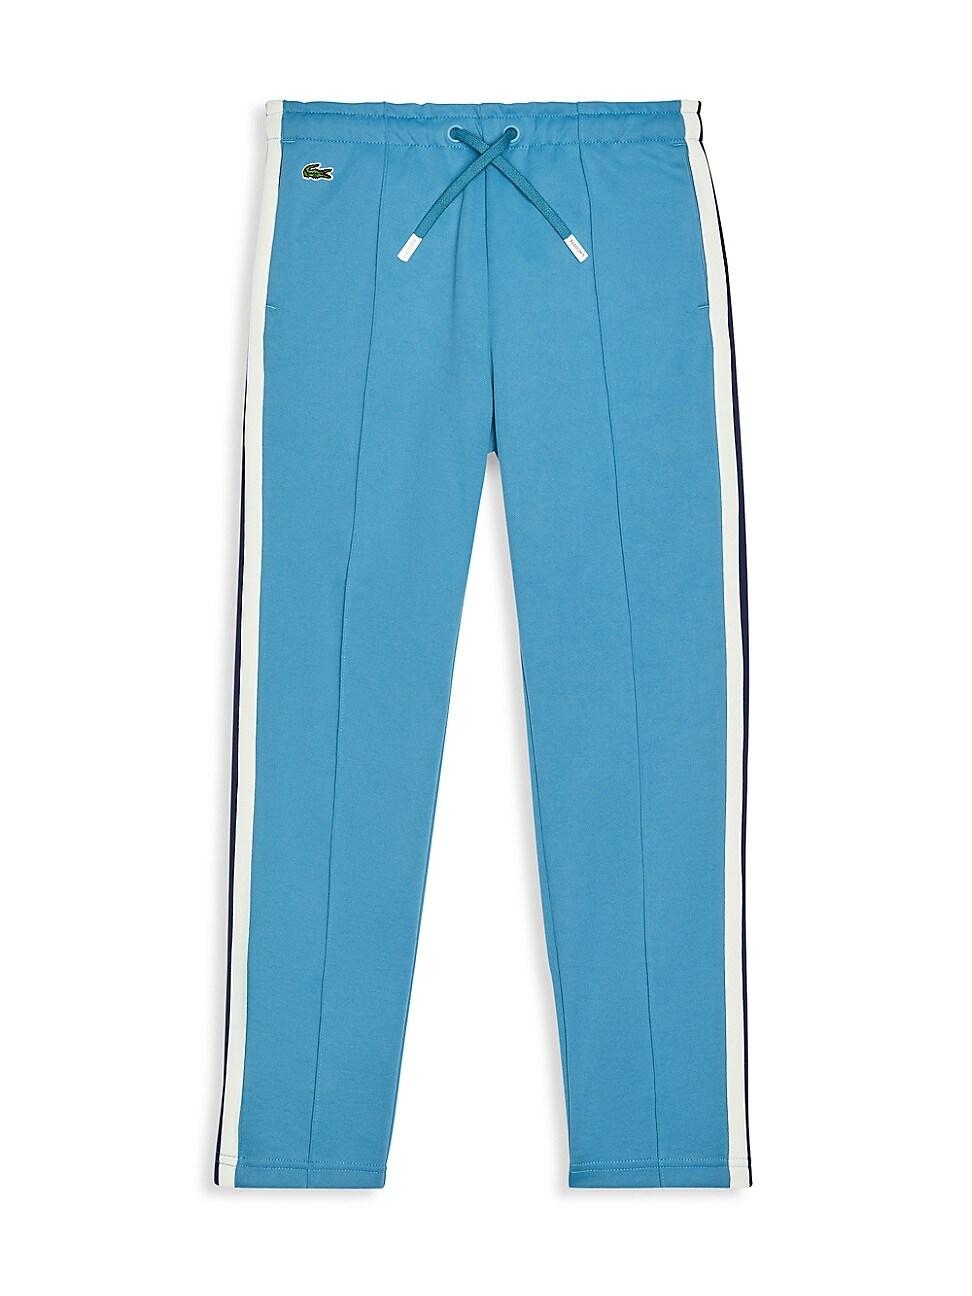 Lacoste LITTLE BOY'S & BOY'S SIDE-STRIPE INTERLOCK TRACK PANTS